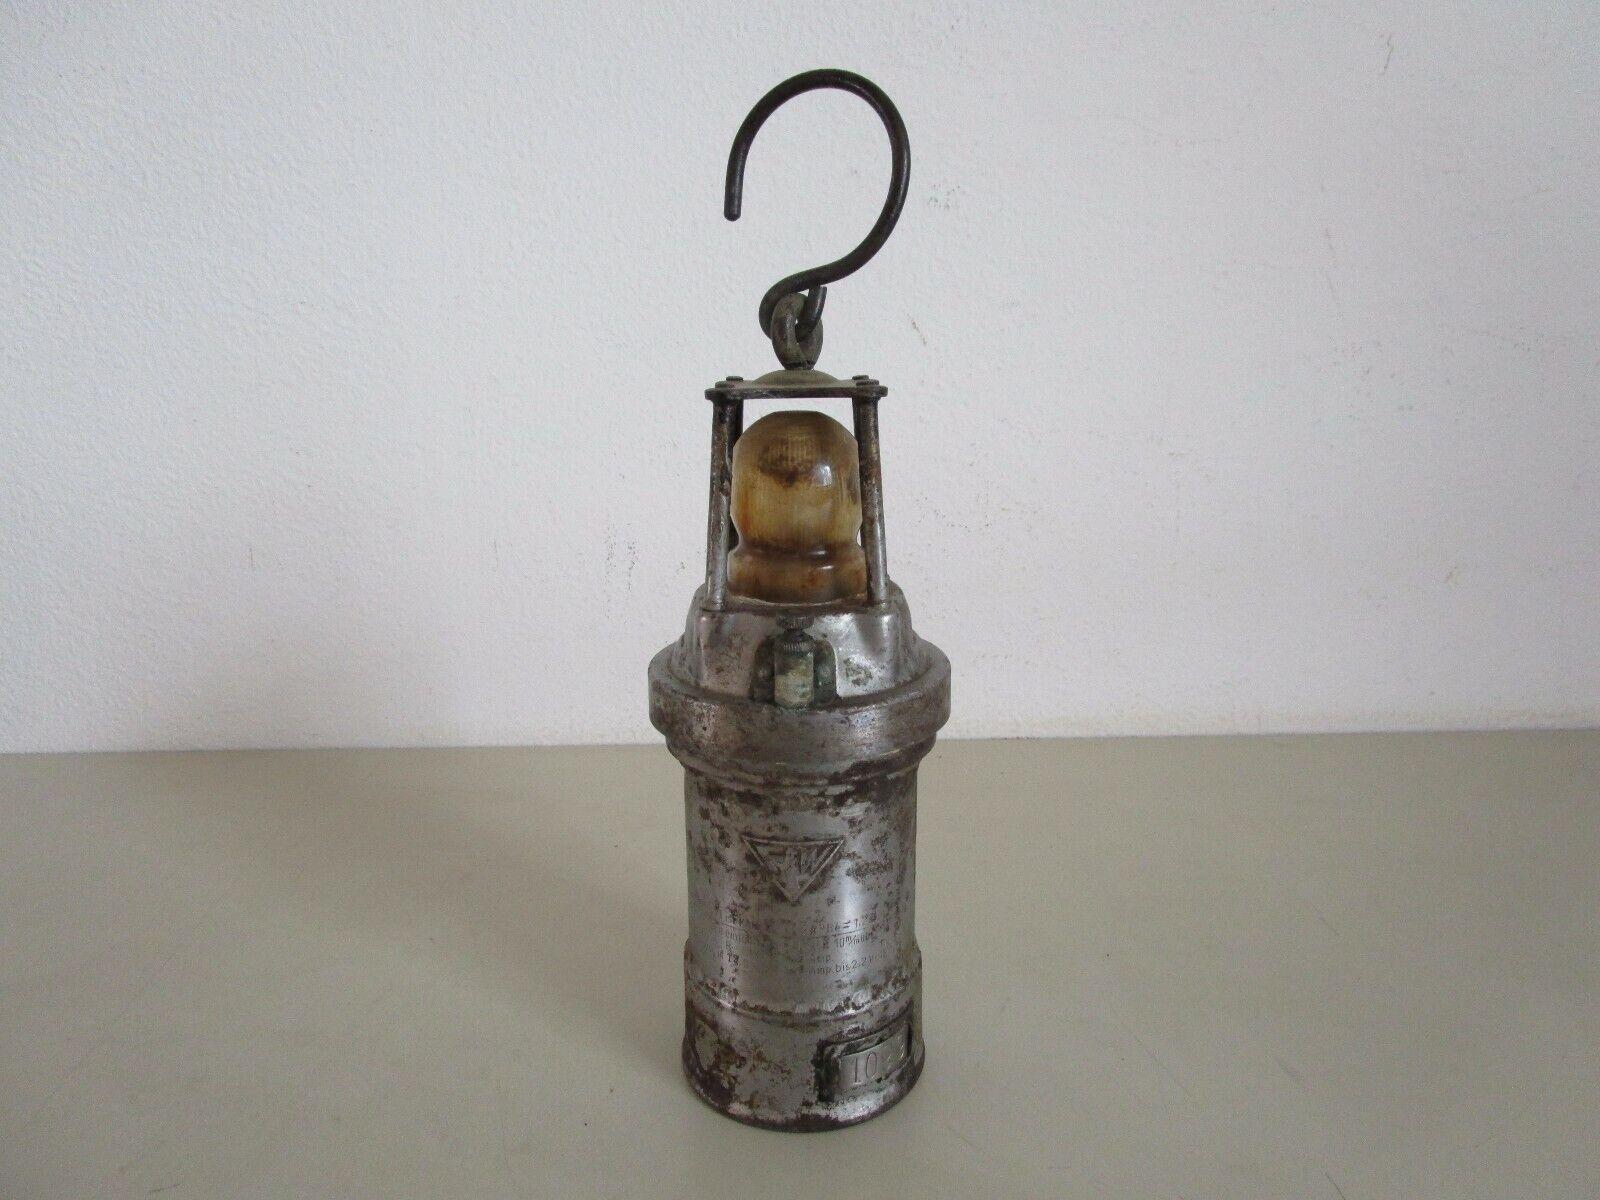 alte Grubenlampe AkkuBergbaulampe elektrische Wetterlampe F W Typ 1099